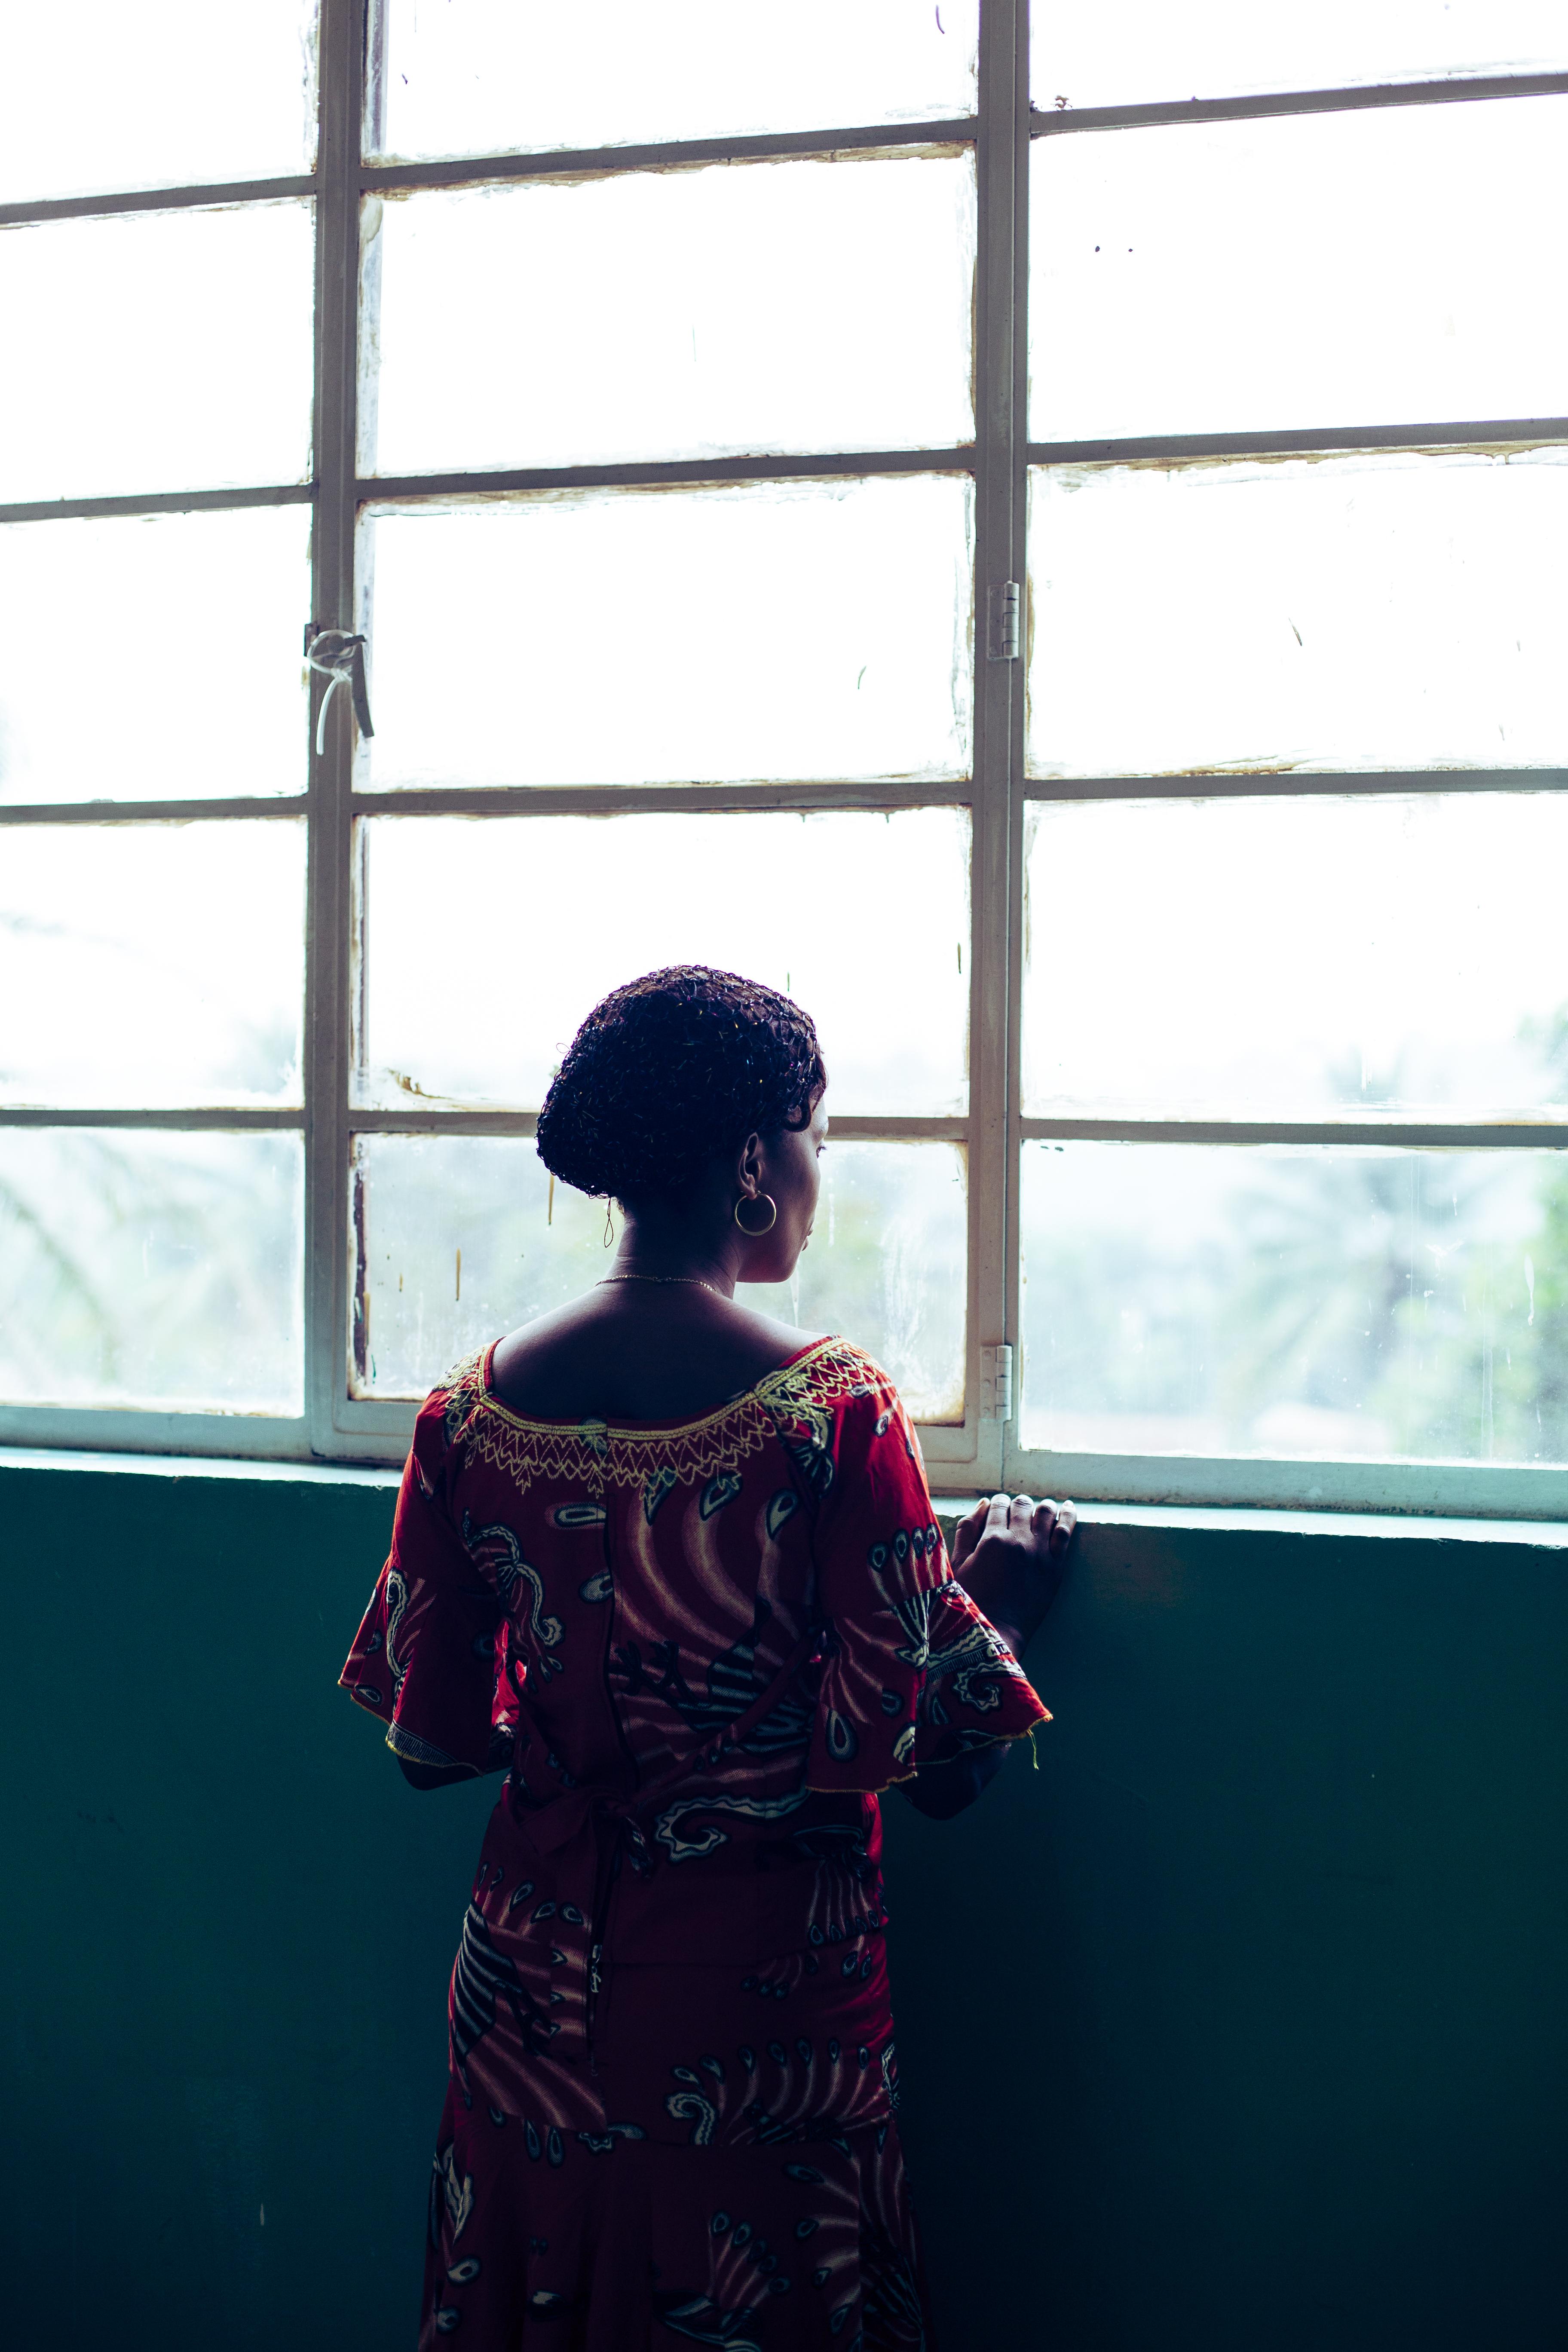 카사이 지역에서 국경없는의사회의 지원을 받는 성폭력 생존자 비비체 ⓒGhislain Massotte/MSF